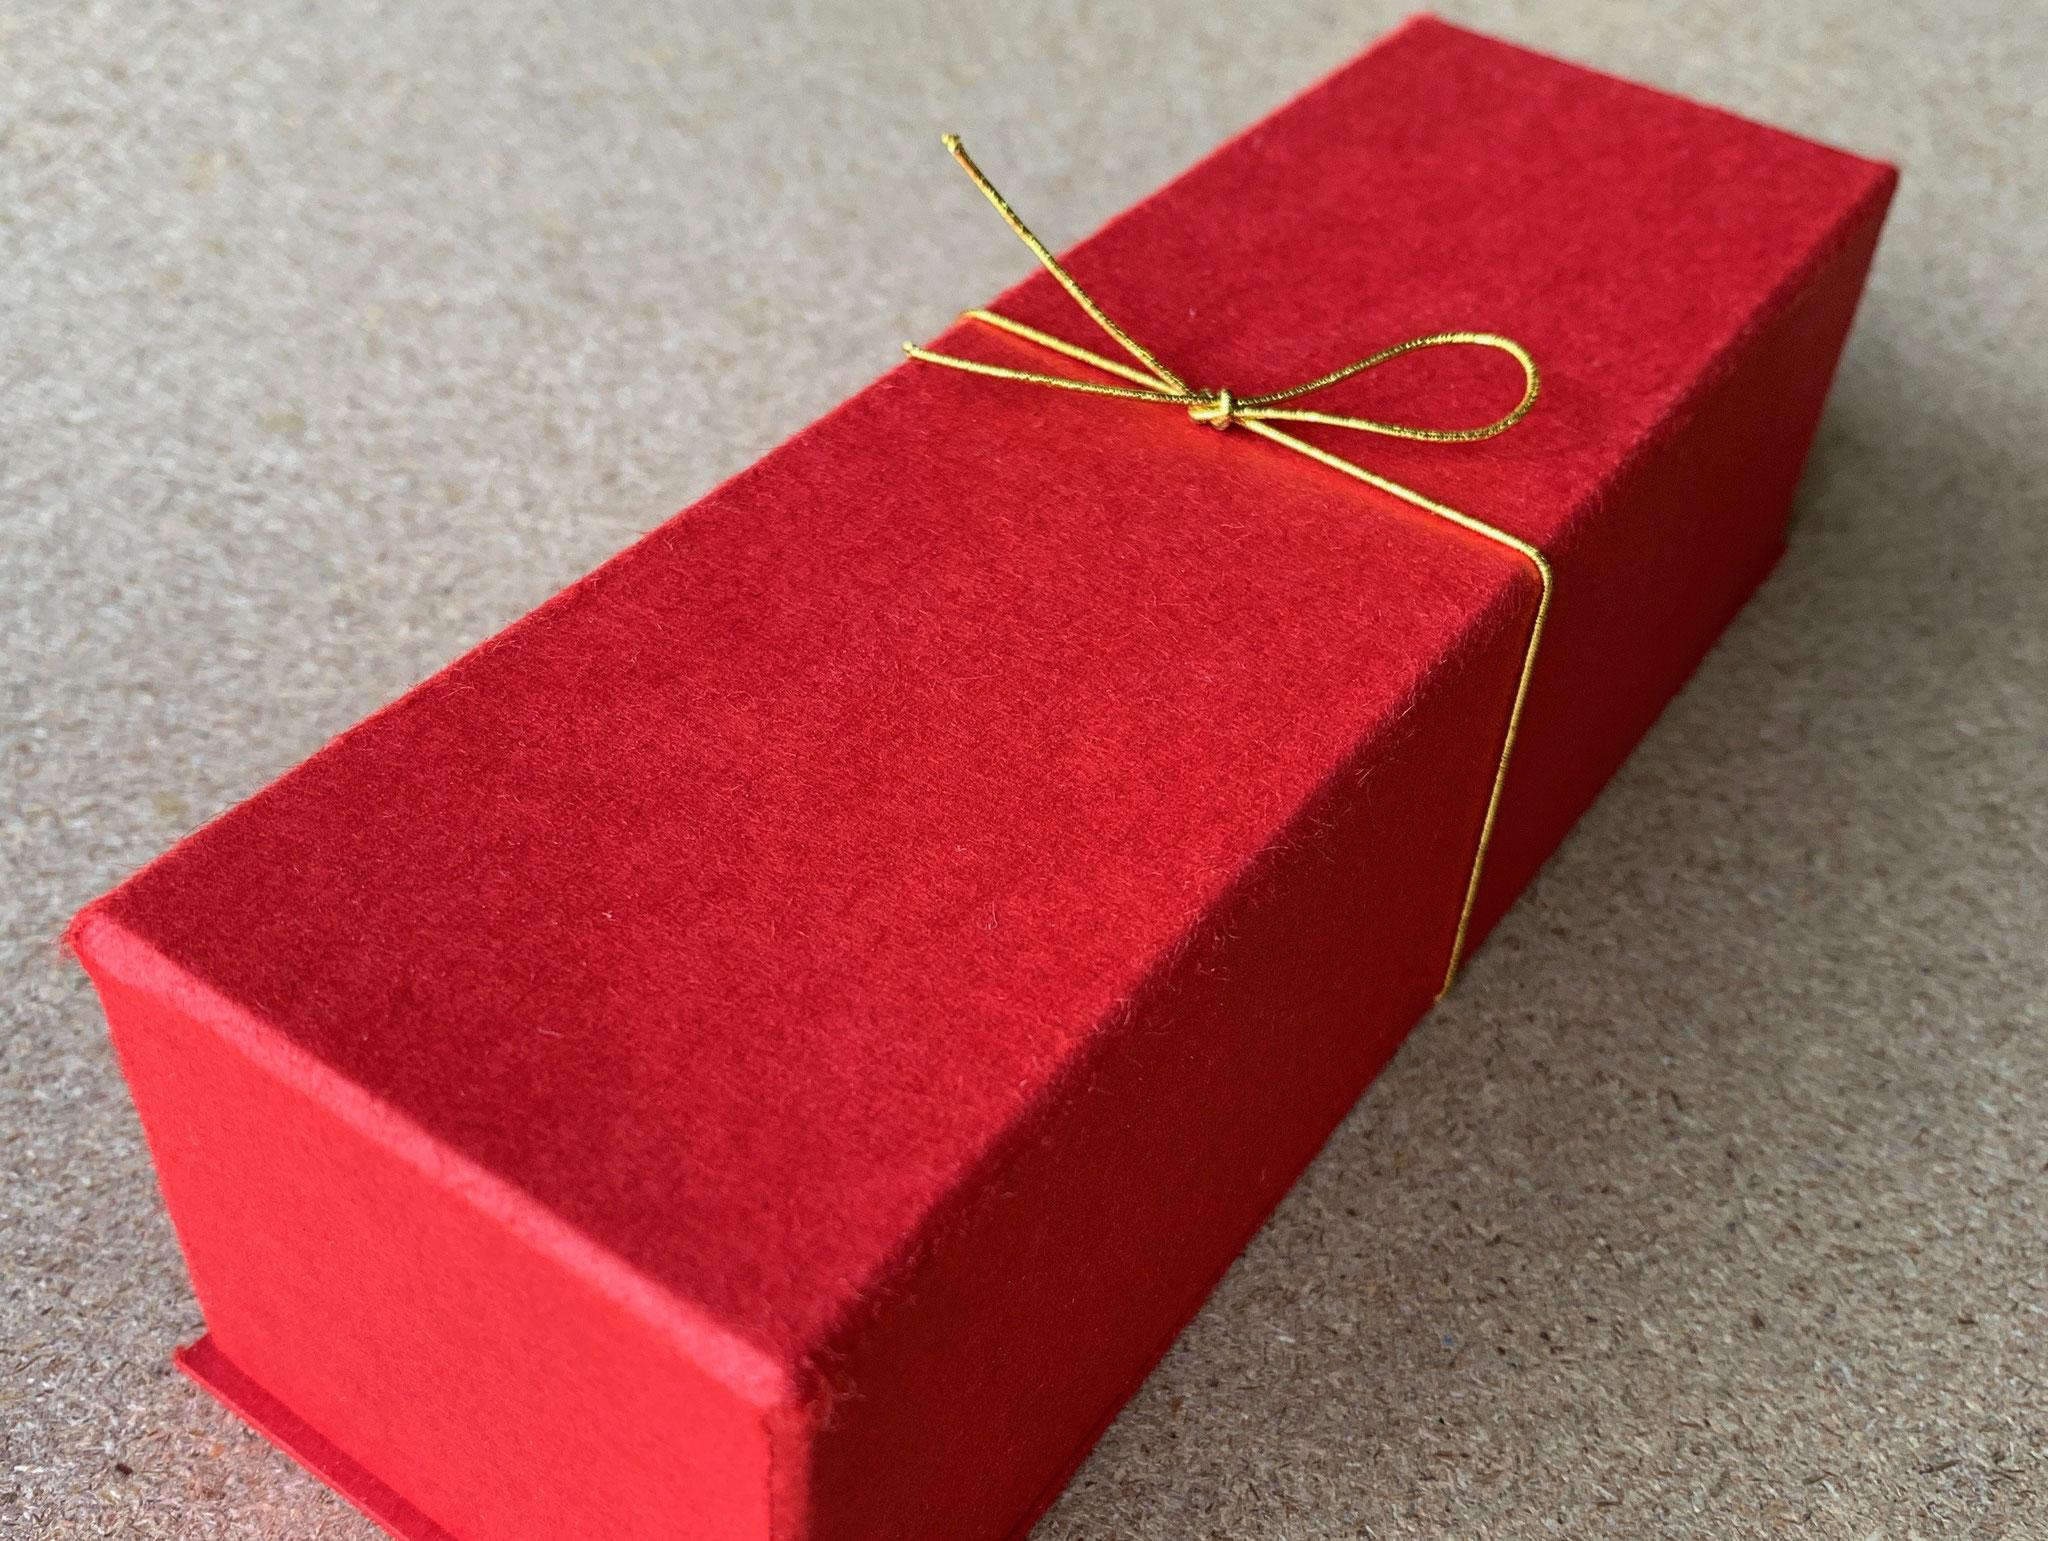 最終的に貼り箱に金色のゴム紐で演出しました